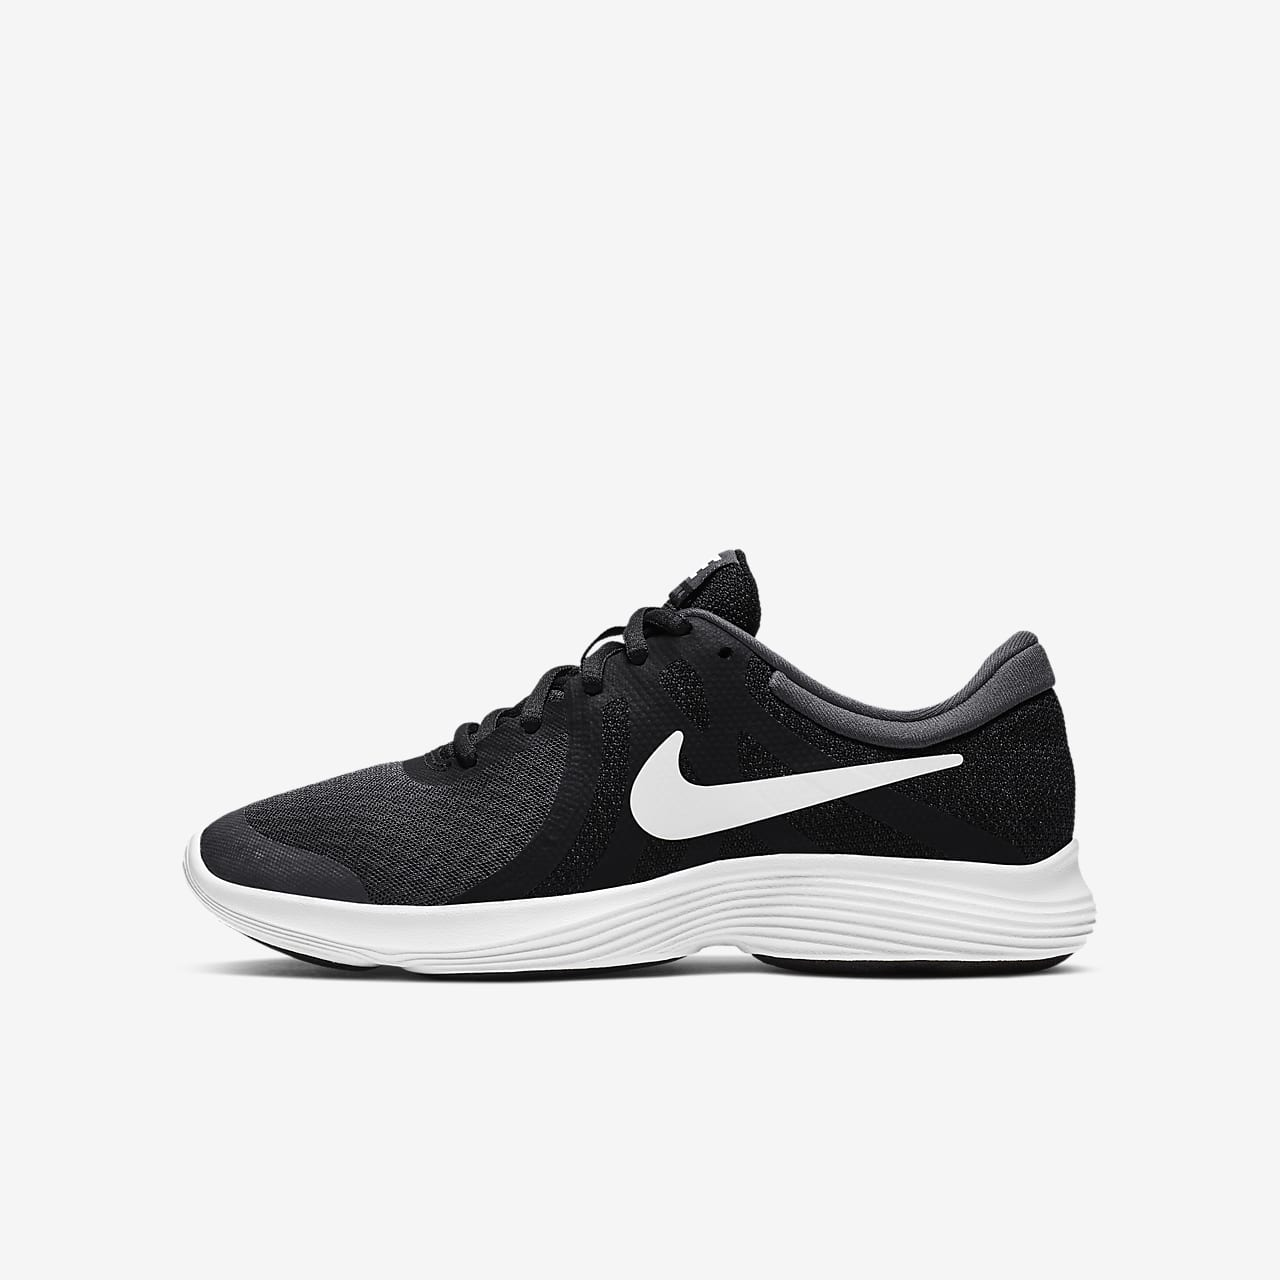 2ab2c188730 Chaussure de running Nike Revolution 4 pour Enfant plus âgé. Nike.com FR